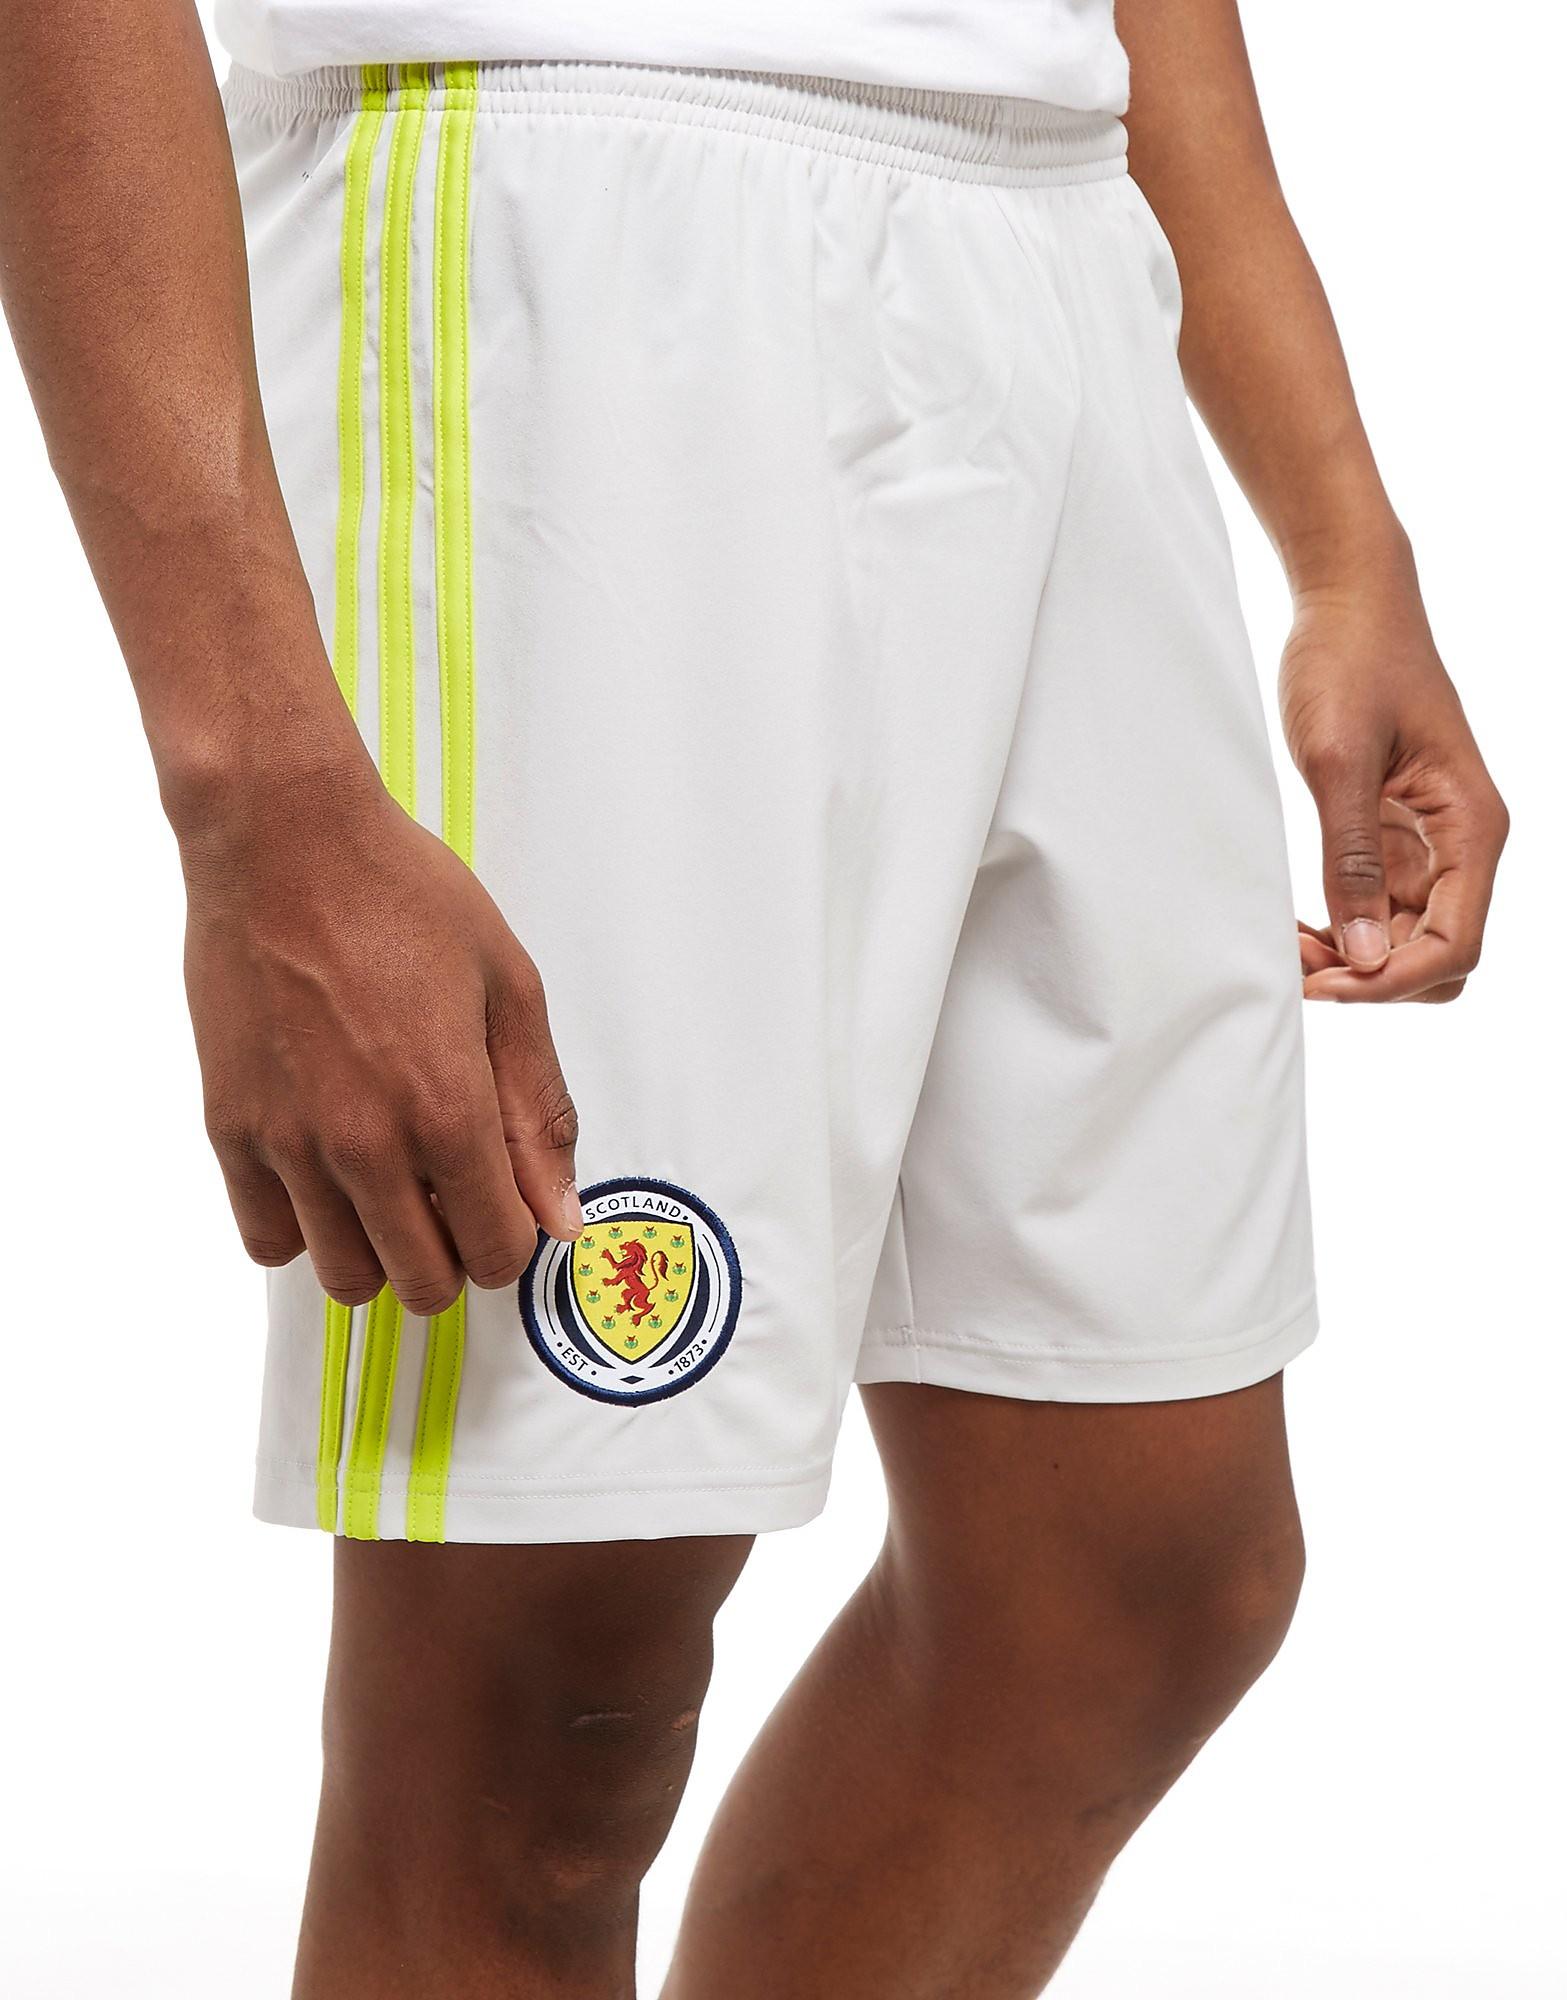 adidas Scotland 2018/19 Home Goalkeeper Shorts - Grijs - Heren